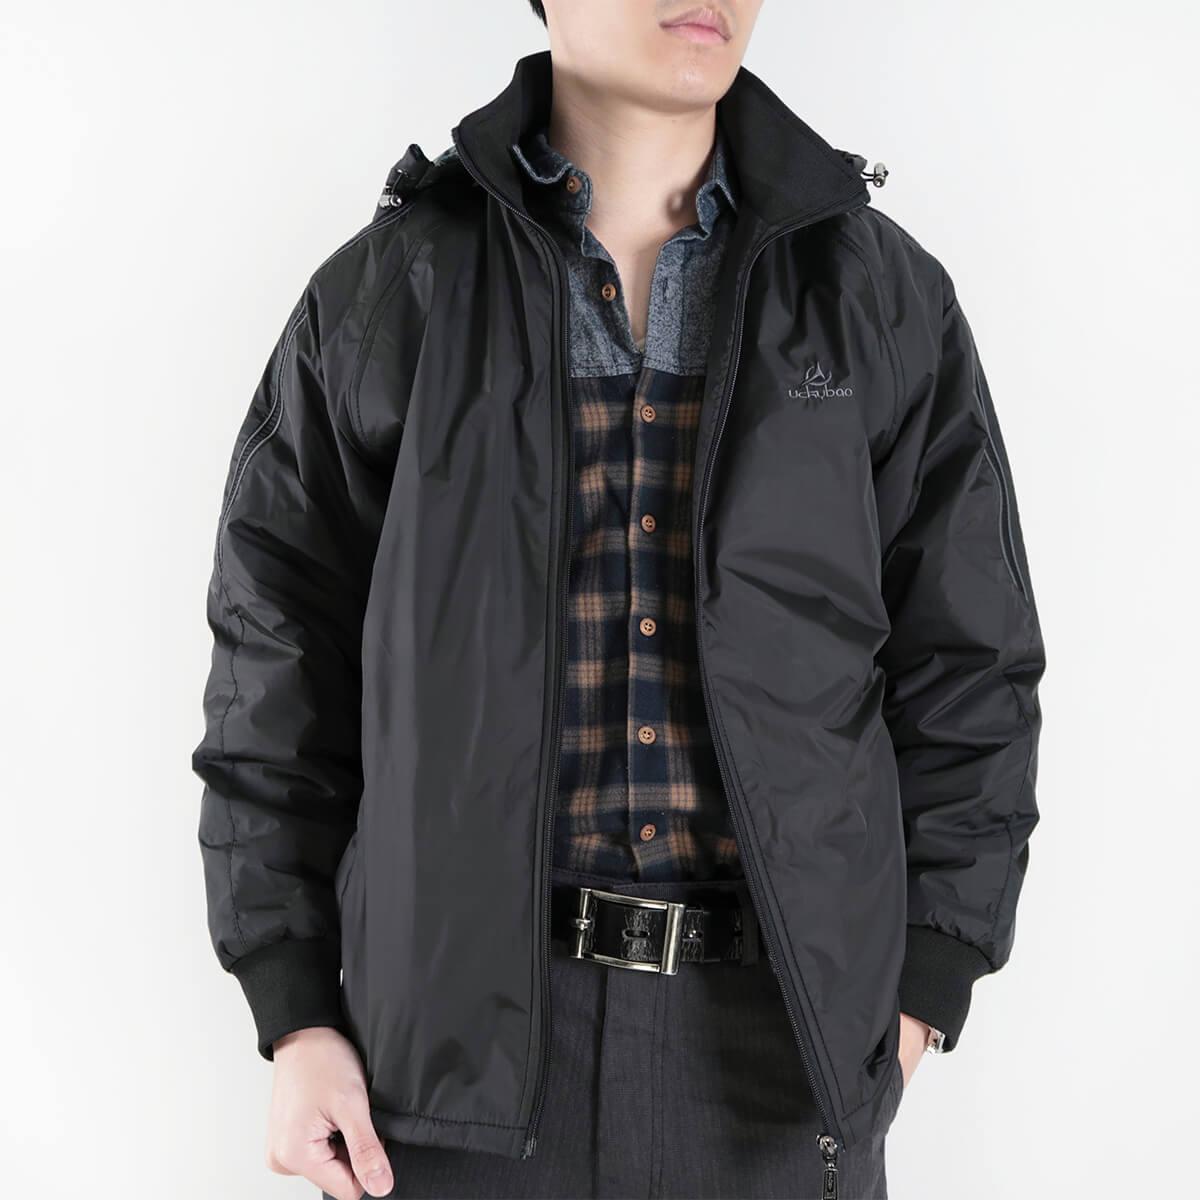 內舖絨布保暖風衣外套 保暖外套 騎士外套 夾克外套 防風外套 黑色外套 FLANNEL LINED WINDBREAKER JACKETS (312-6077-21)黑色 L XL 2L(胸圍46~51英吋) [實體店面保障] sun-e 7